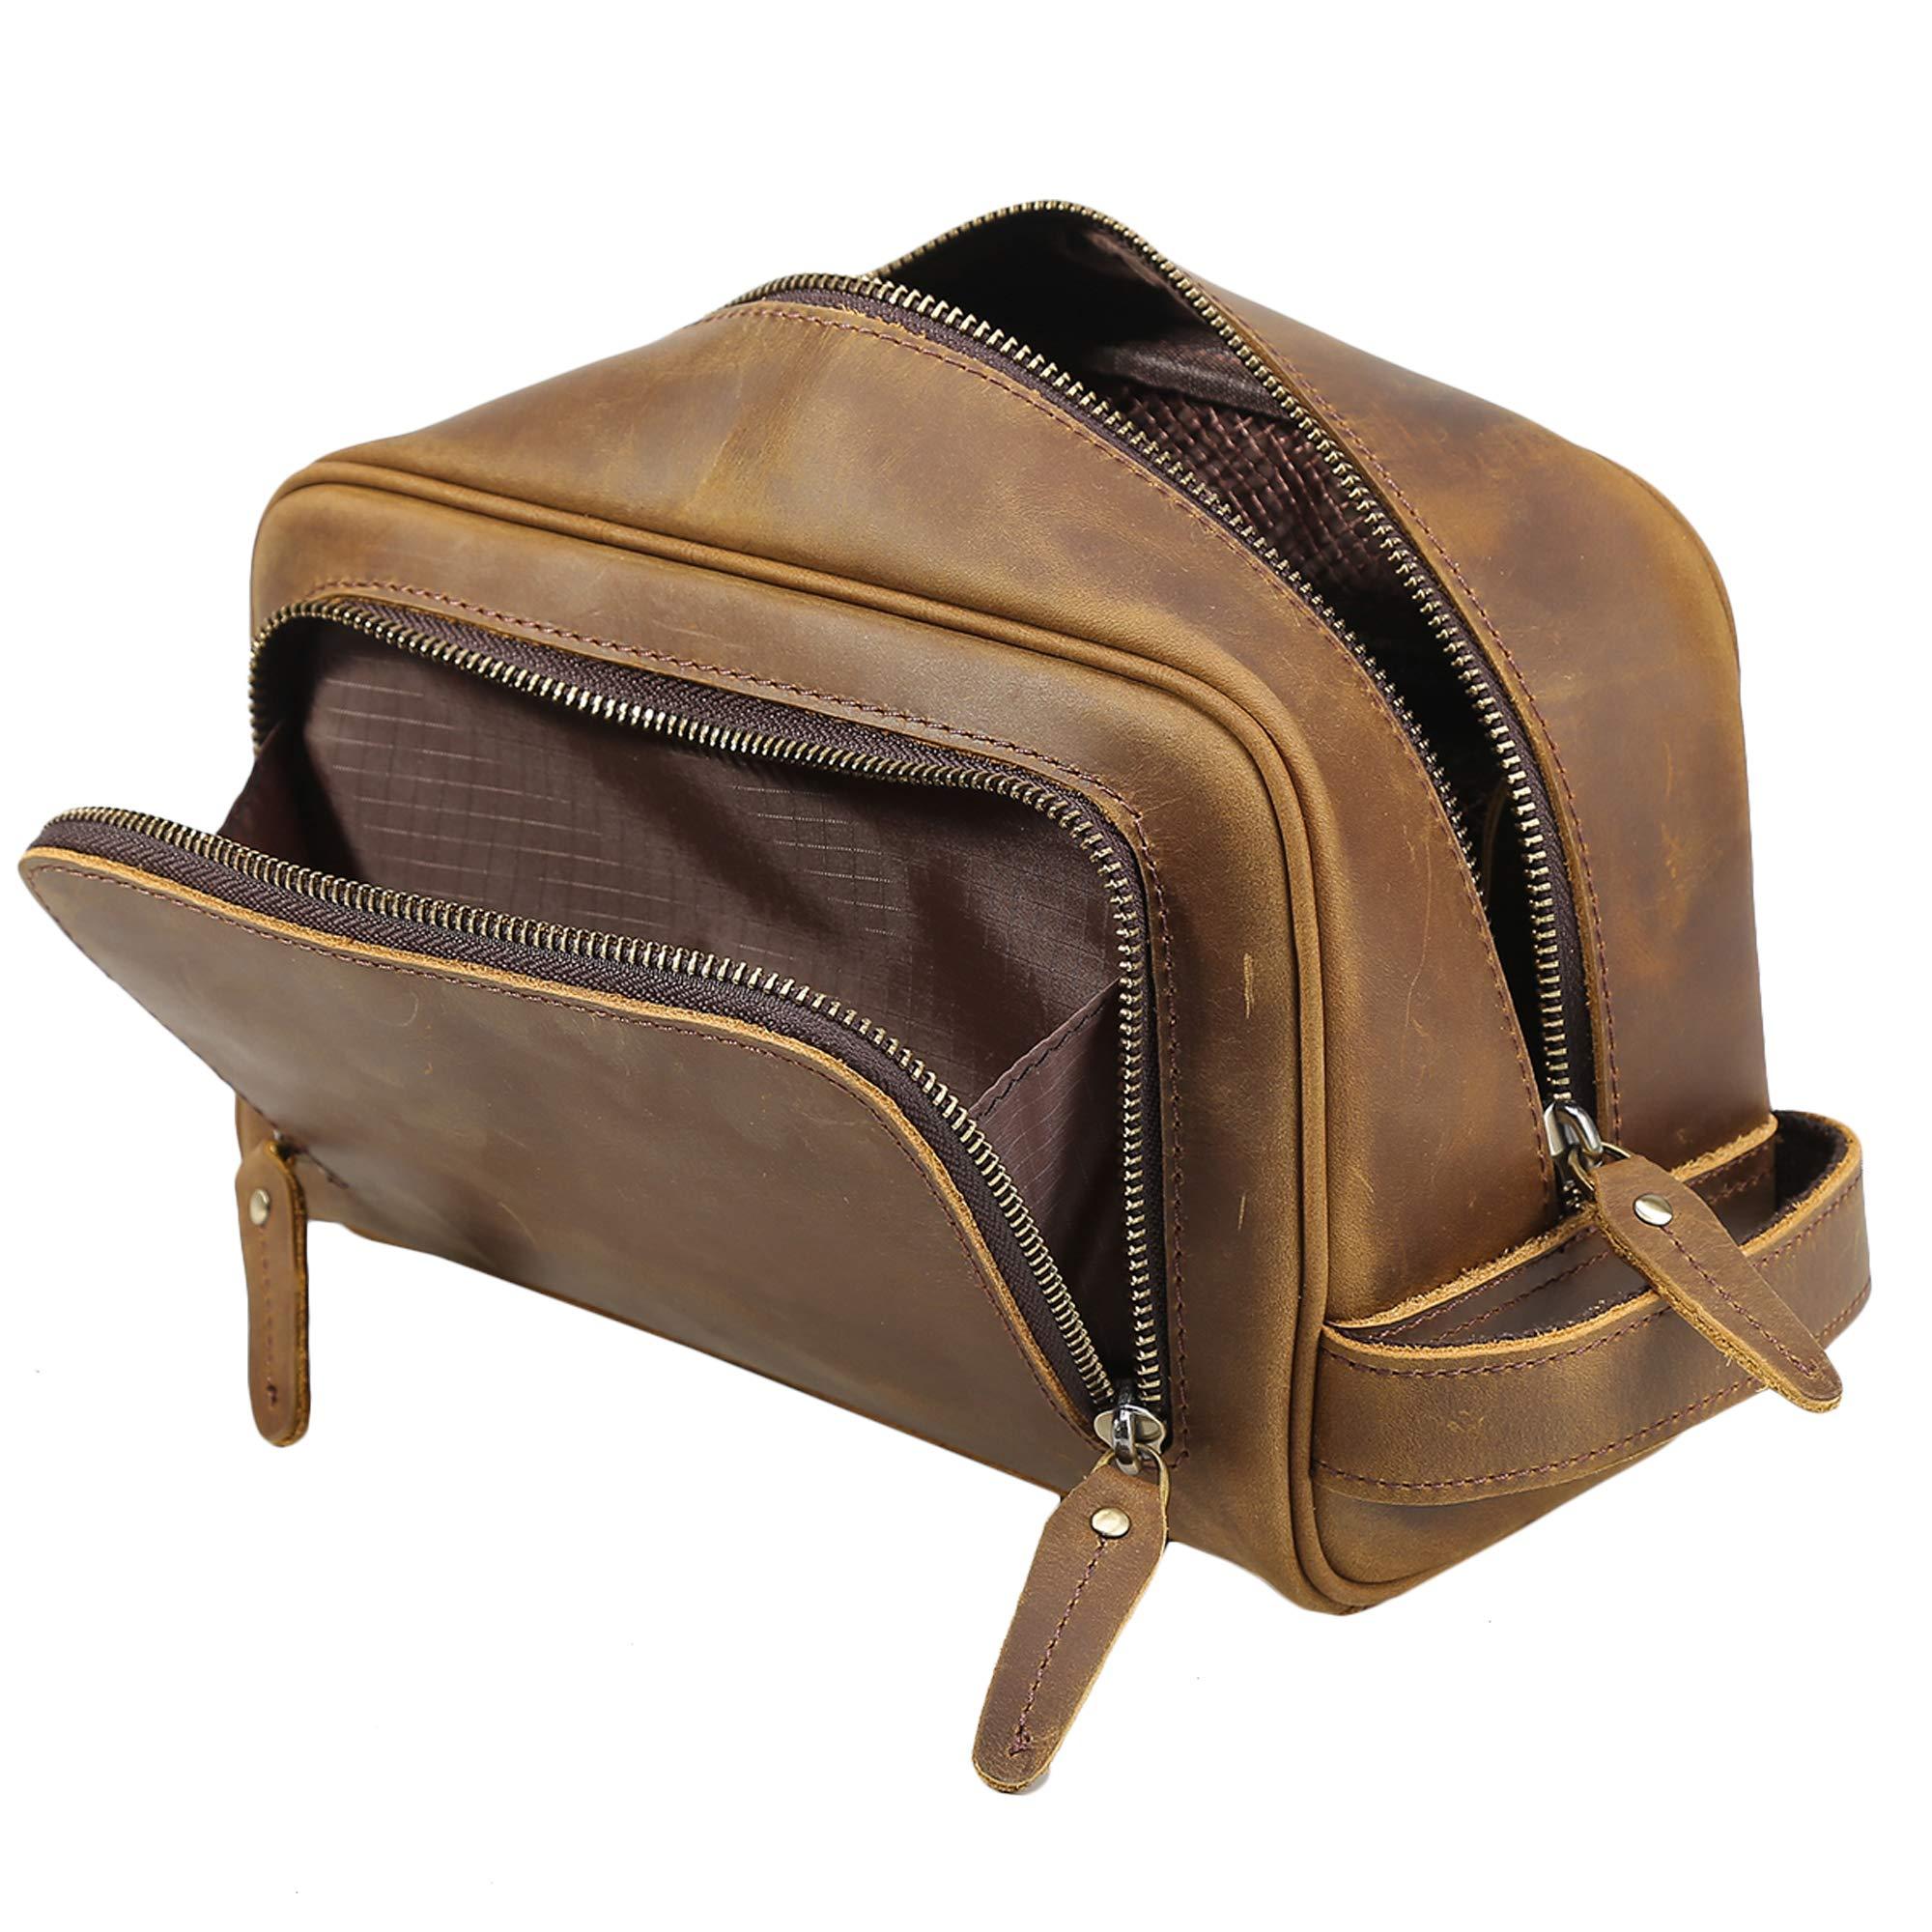 Polare Vintage Full Grain Leather Handmade Travel Toiletry Bag for Men - Dopp Kit - Shaving Kit by POLARE ORIGINAL (Image #4)